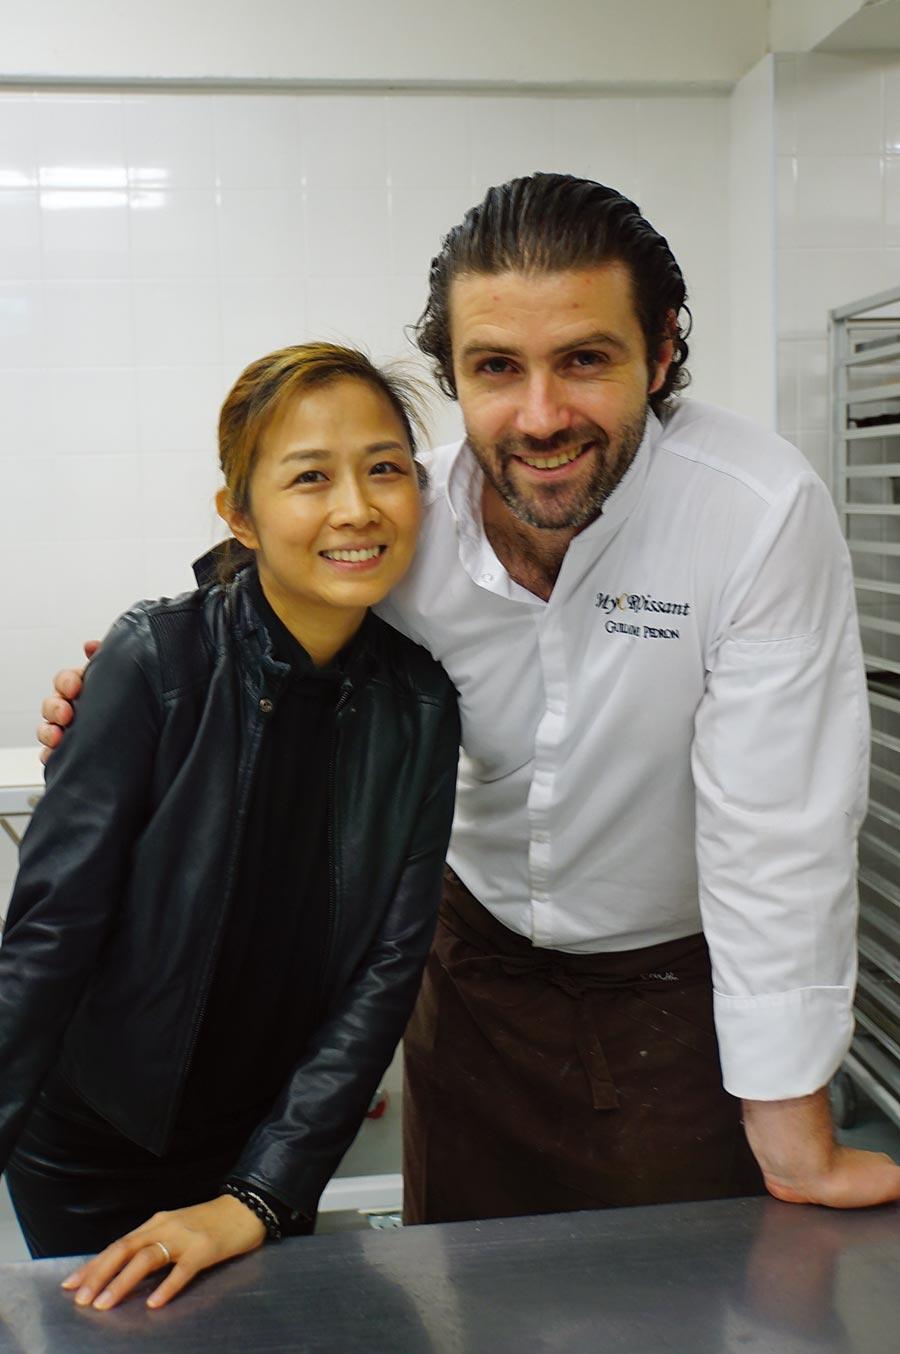 吉雍‧佩登(Guillaume Pedron)擔任〈Lalos Bakery Taipei〉行政主廚時結識Ellie周宥卉,兩人戀愛、結婚,並有一對雙胞胎女兒。圖/姚舜